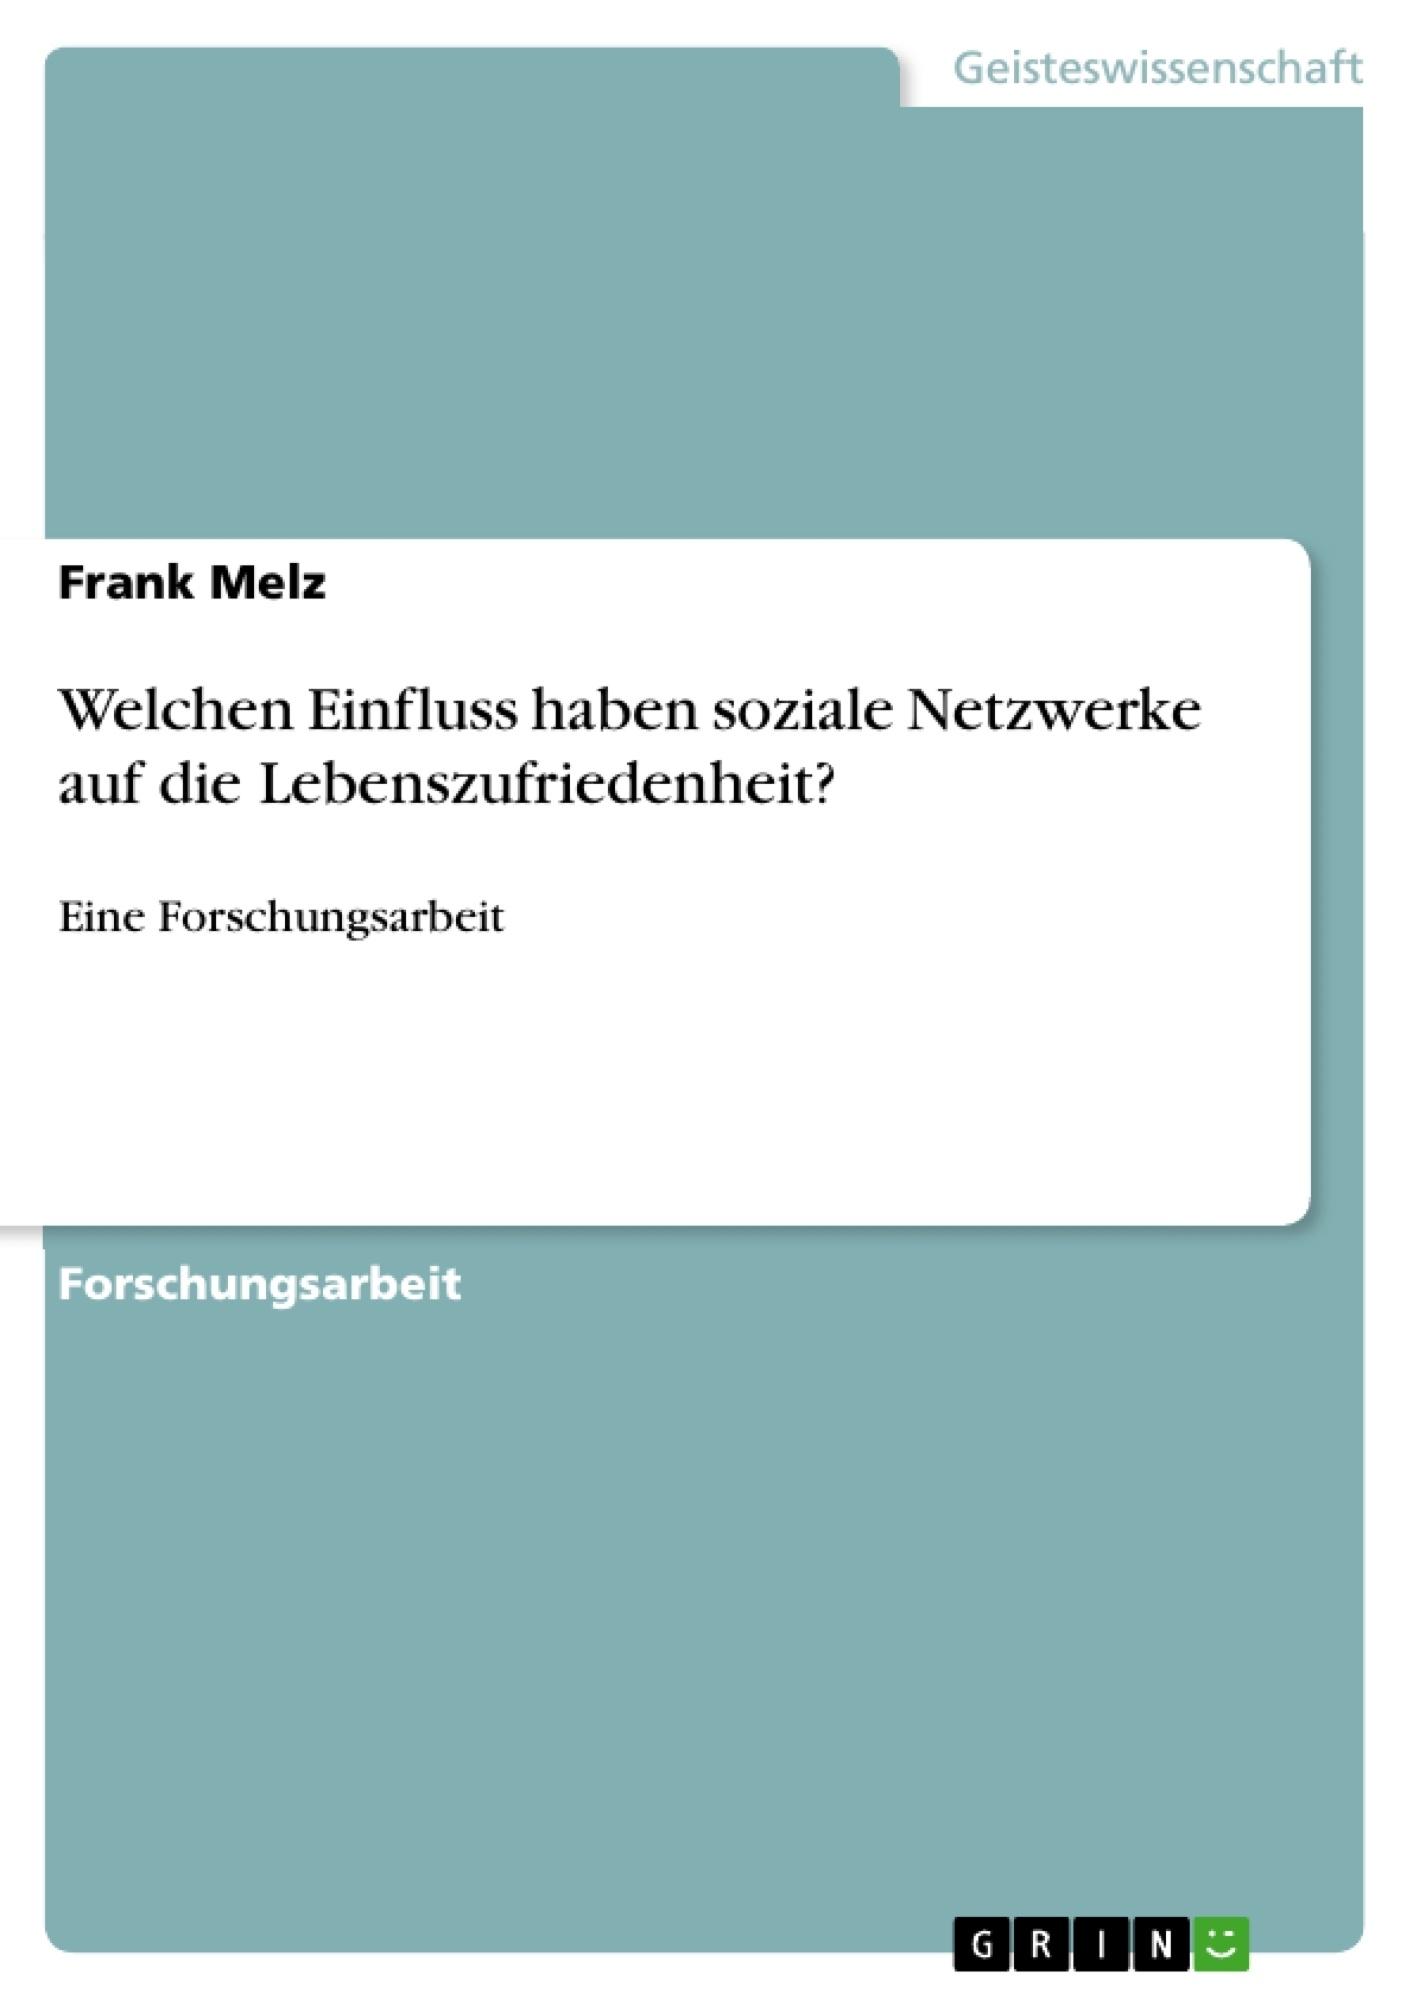 Titel: Welchen Einfluss haben soziale Netzwerke auf die Lebenszufriedenheit?